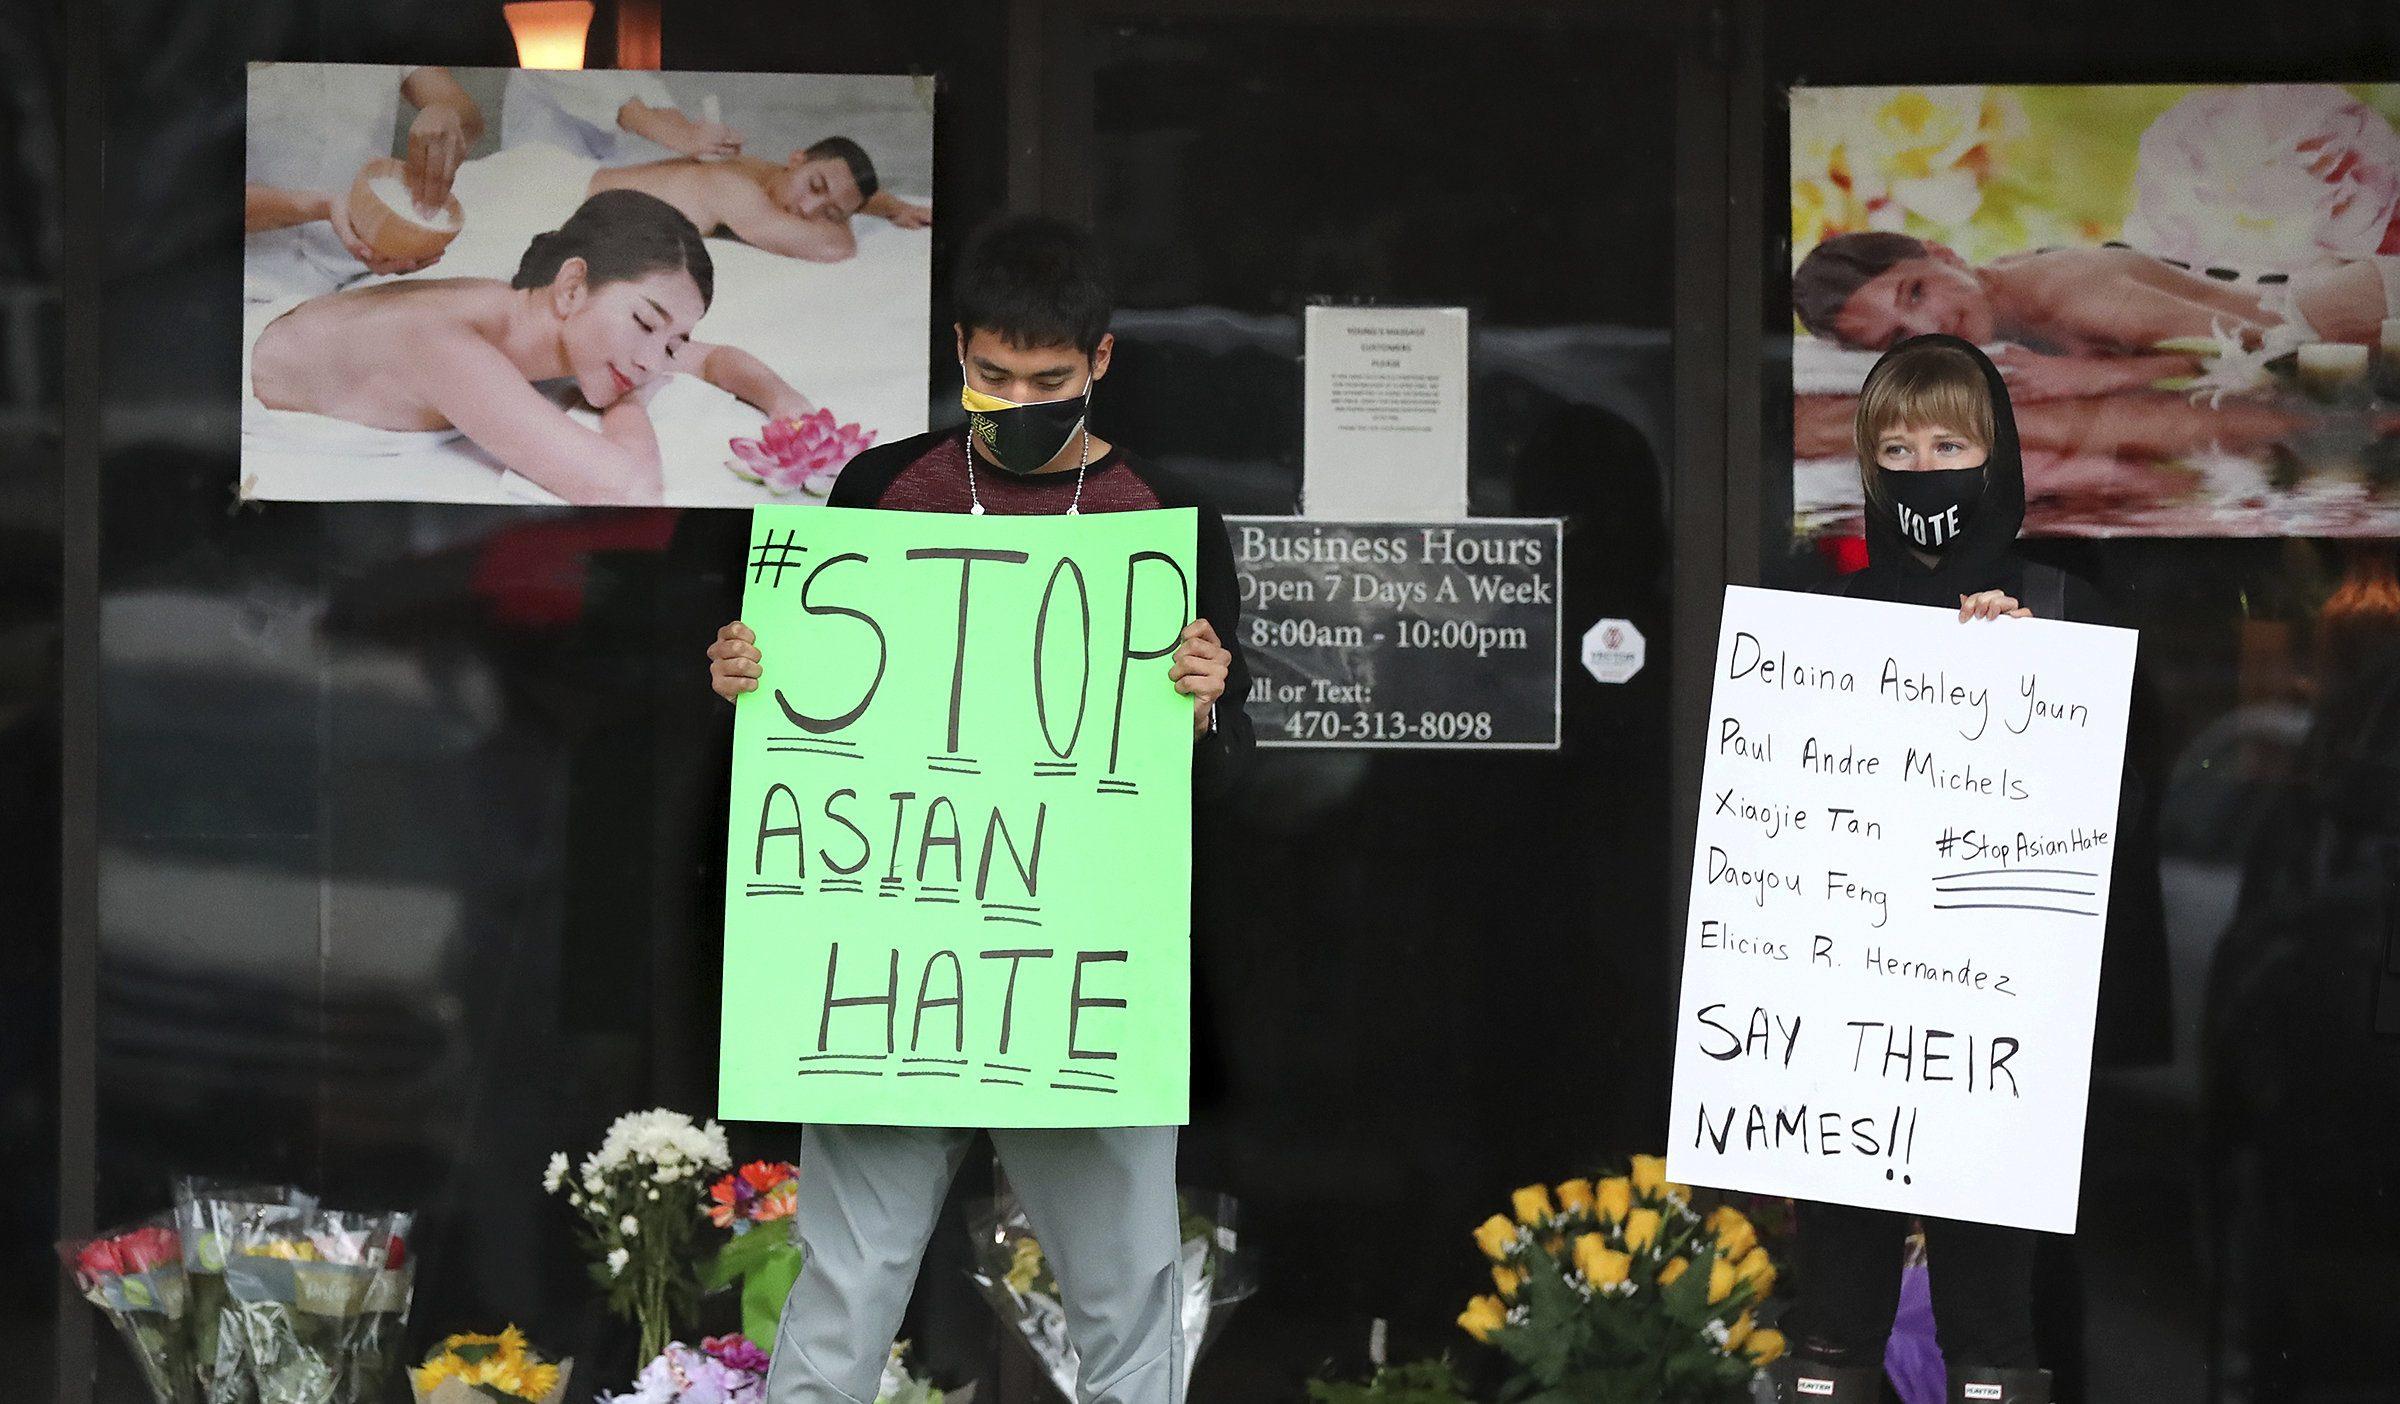 加拿大针对亚裔歧视、仇视事件也在急升,移民性工作者最缺乏保护